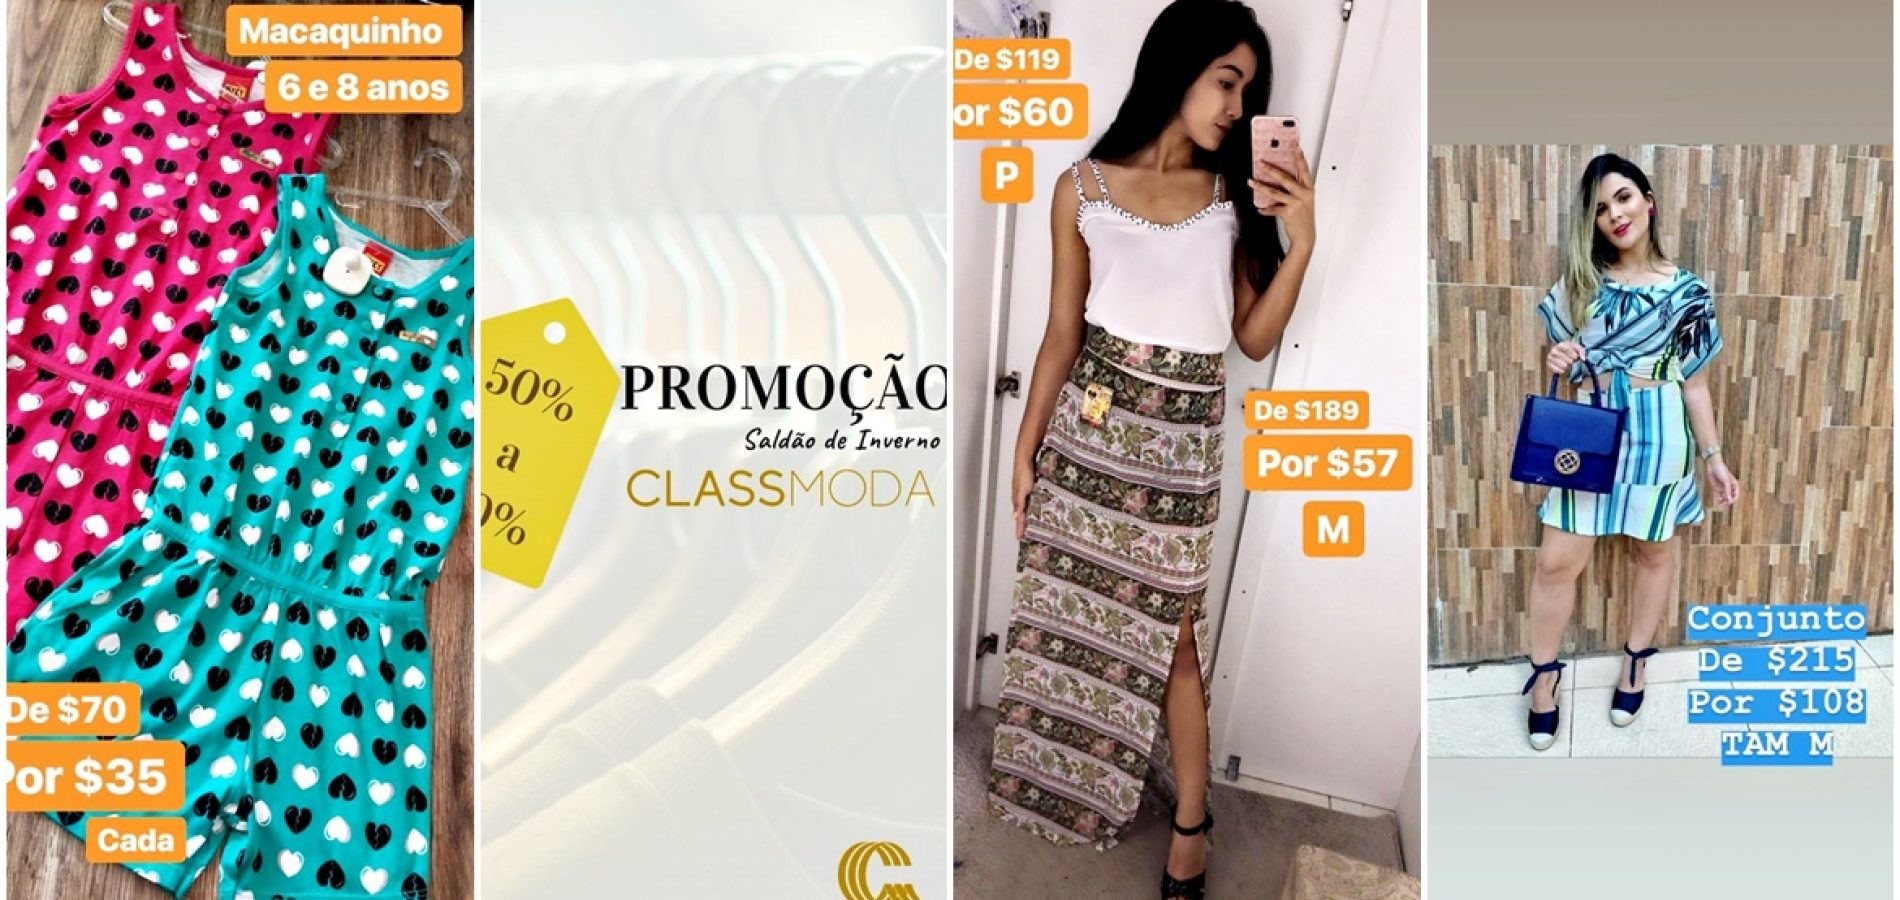 ARARIPINA│Loja Class Moda lança promoções com até 70% de descontos. Confira!